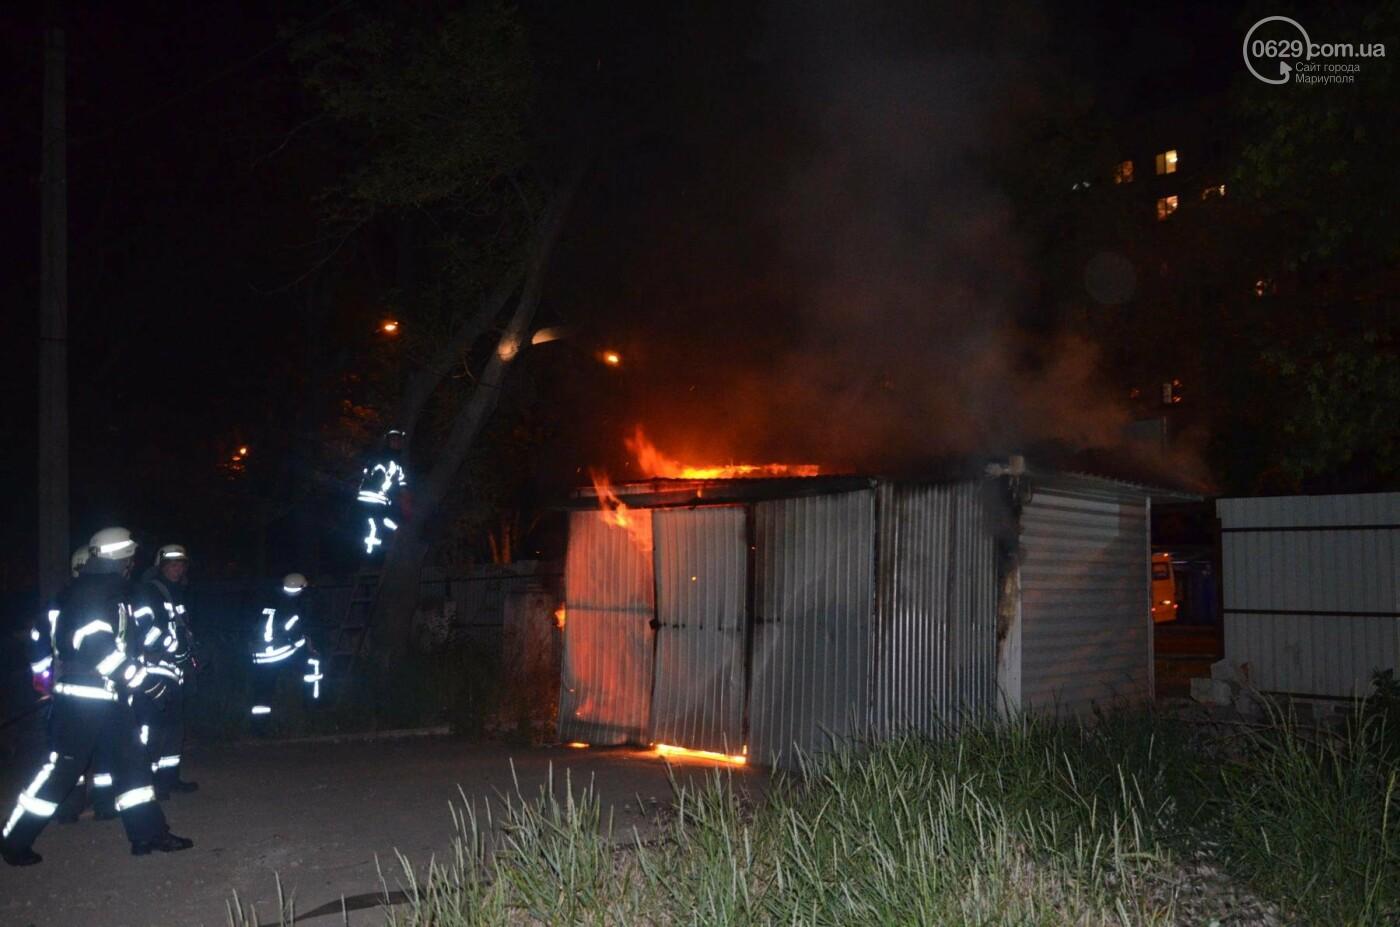 В Мариуполе на заброшенном хлебозаводе горел хлебный киоск, - ФОТО, ВИДЕО, фото-6